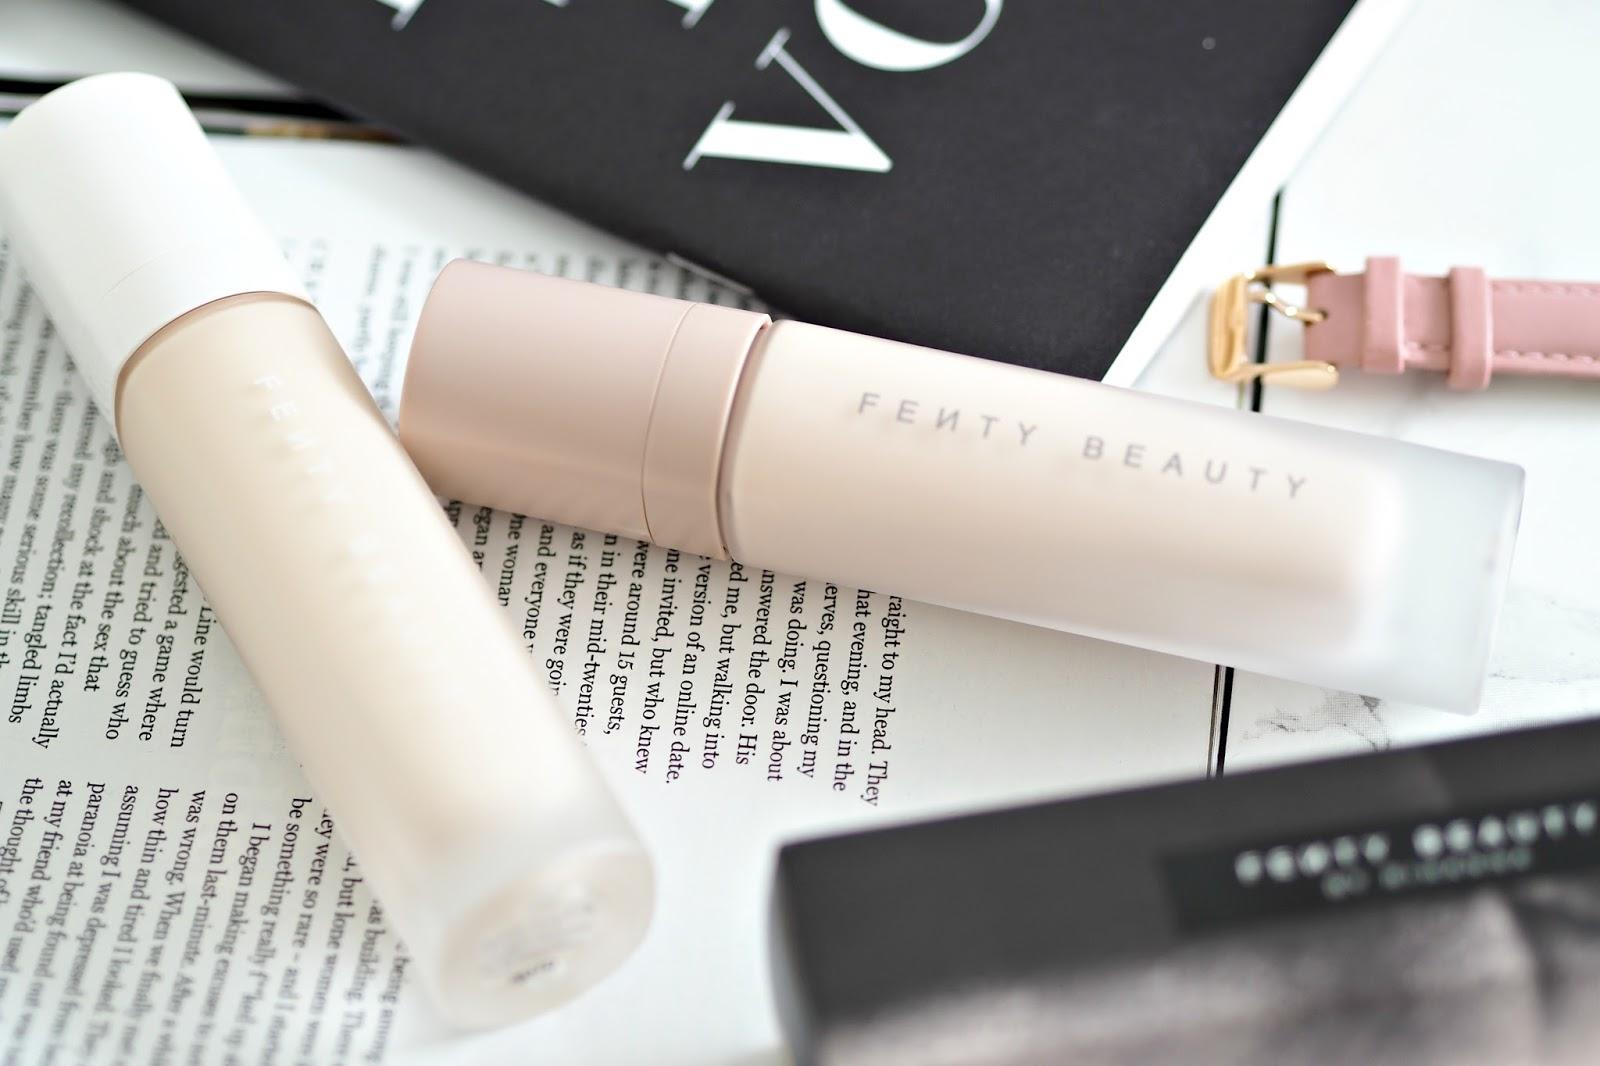 Fenty Beauty Pro Filt'r Instant Retouch Primer review